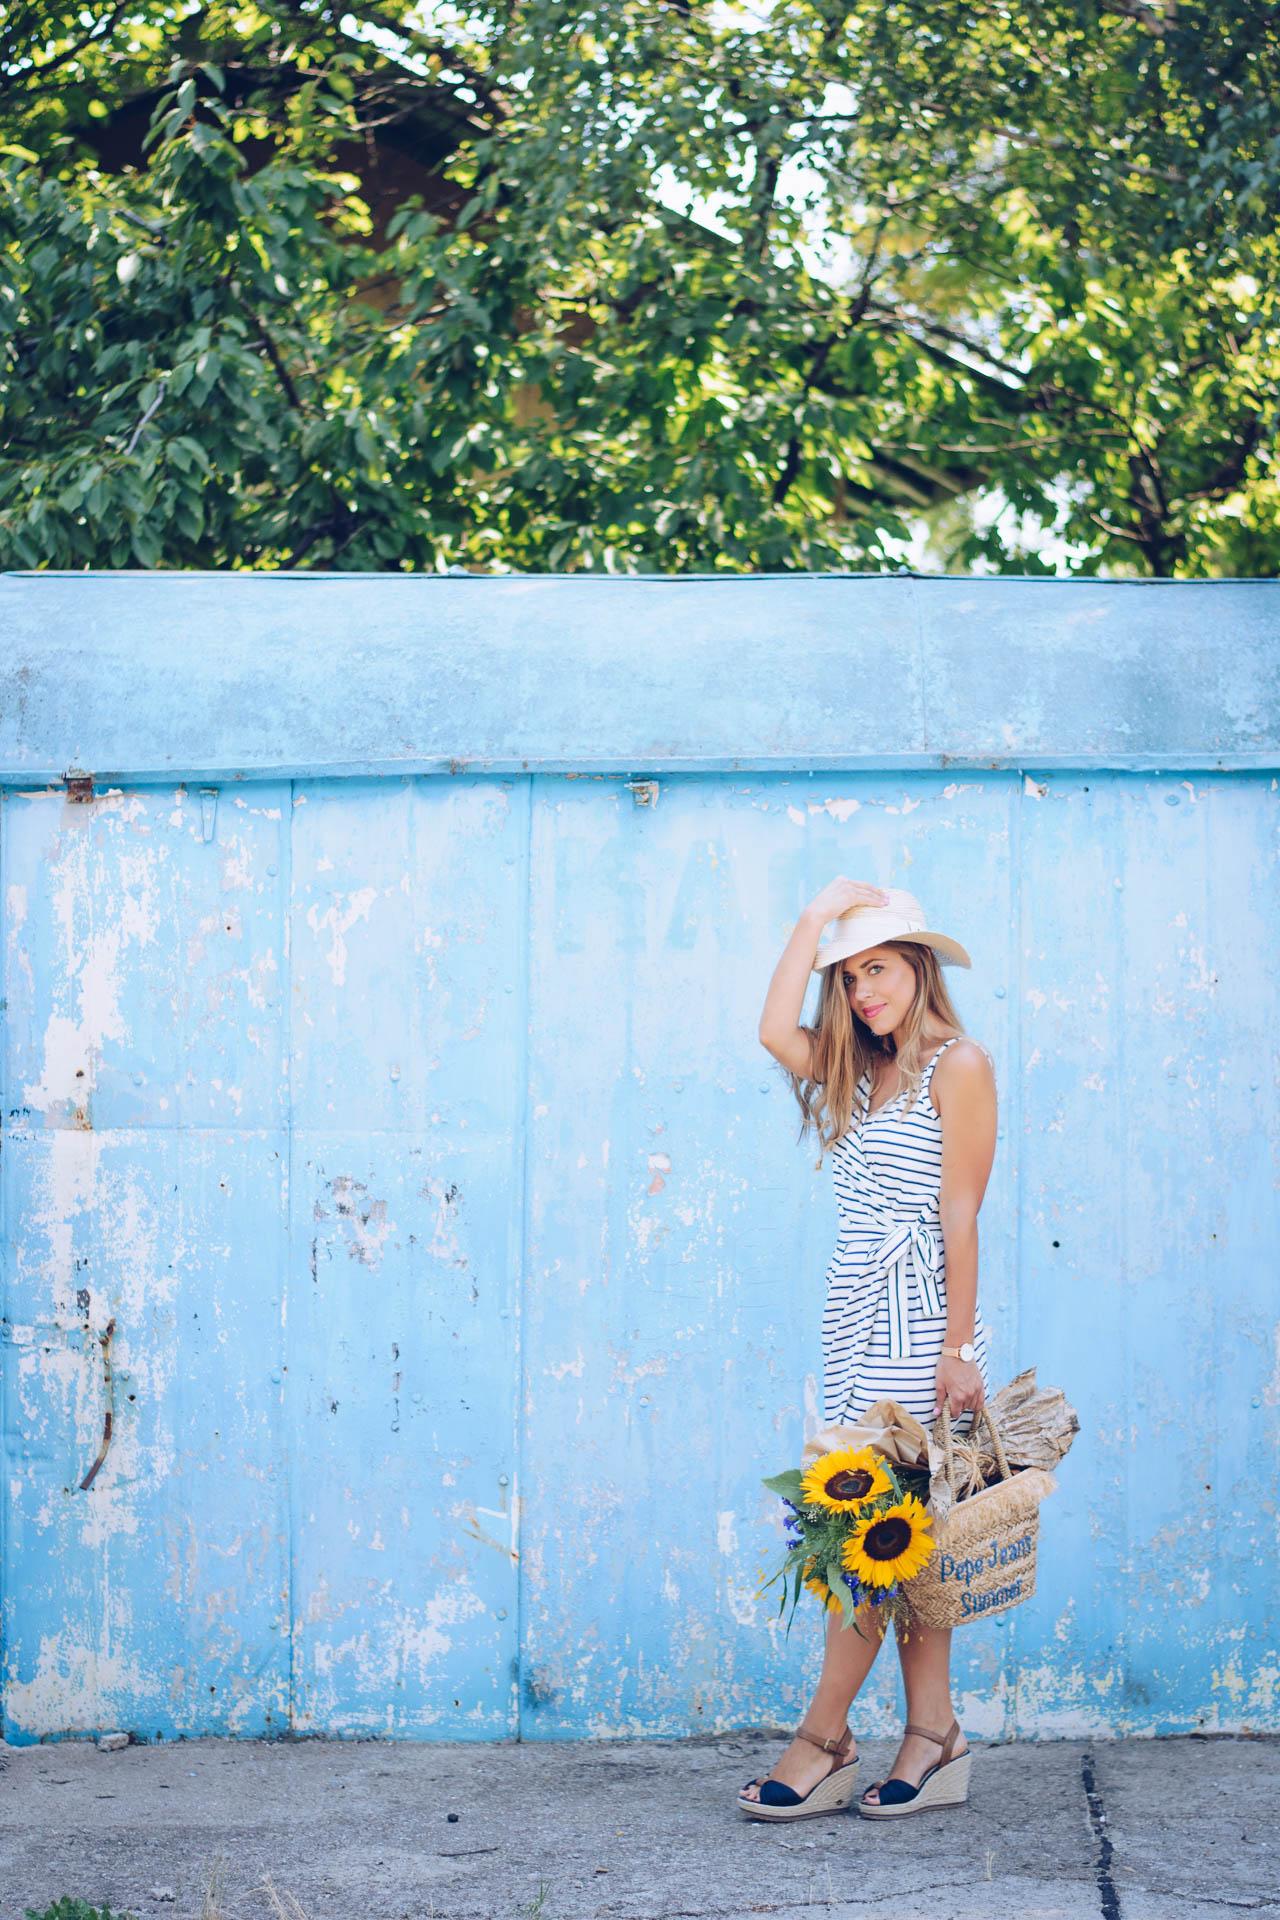 Моден блогър Денина Мартин